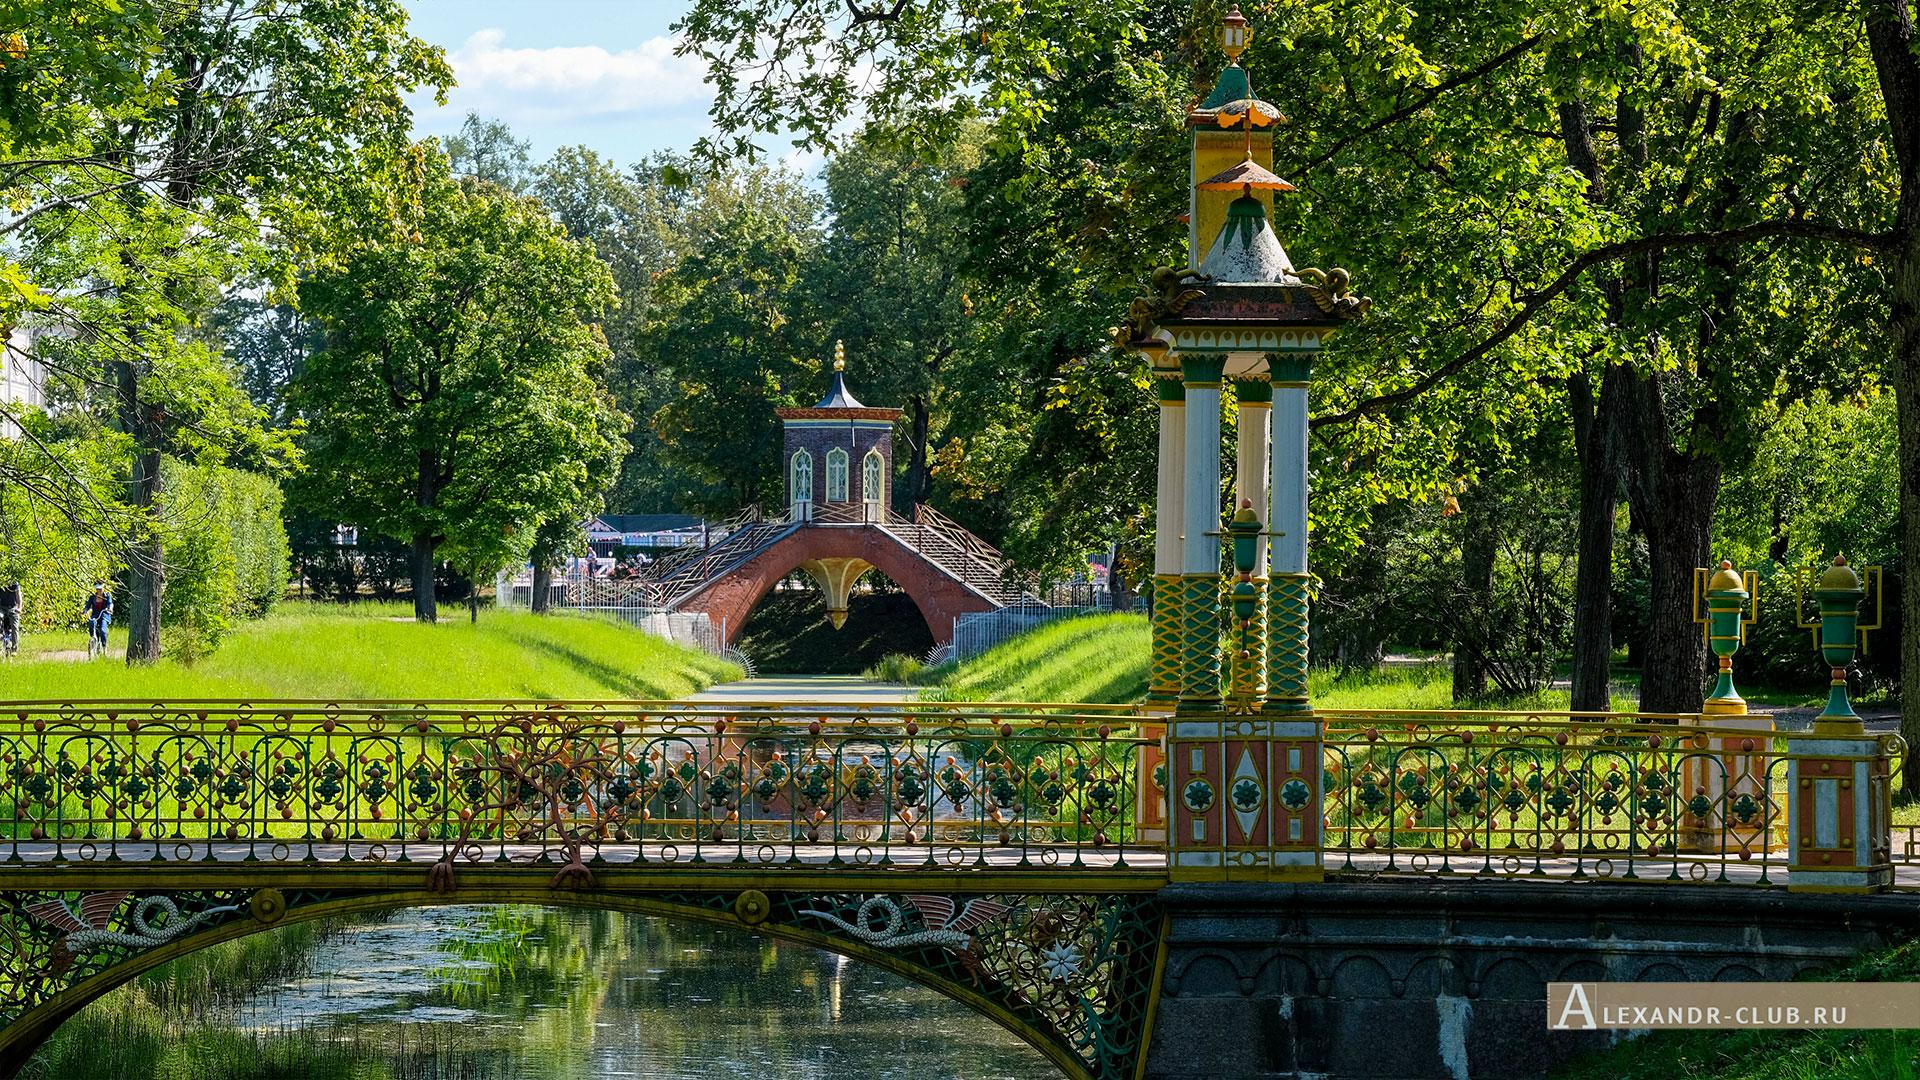 Царское Село, лето, Александровский парк, Китайский мостик, Крестовый мост